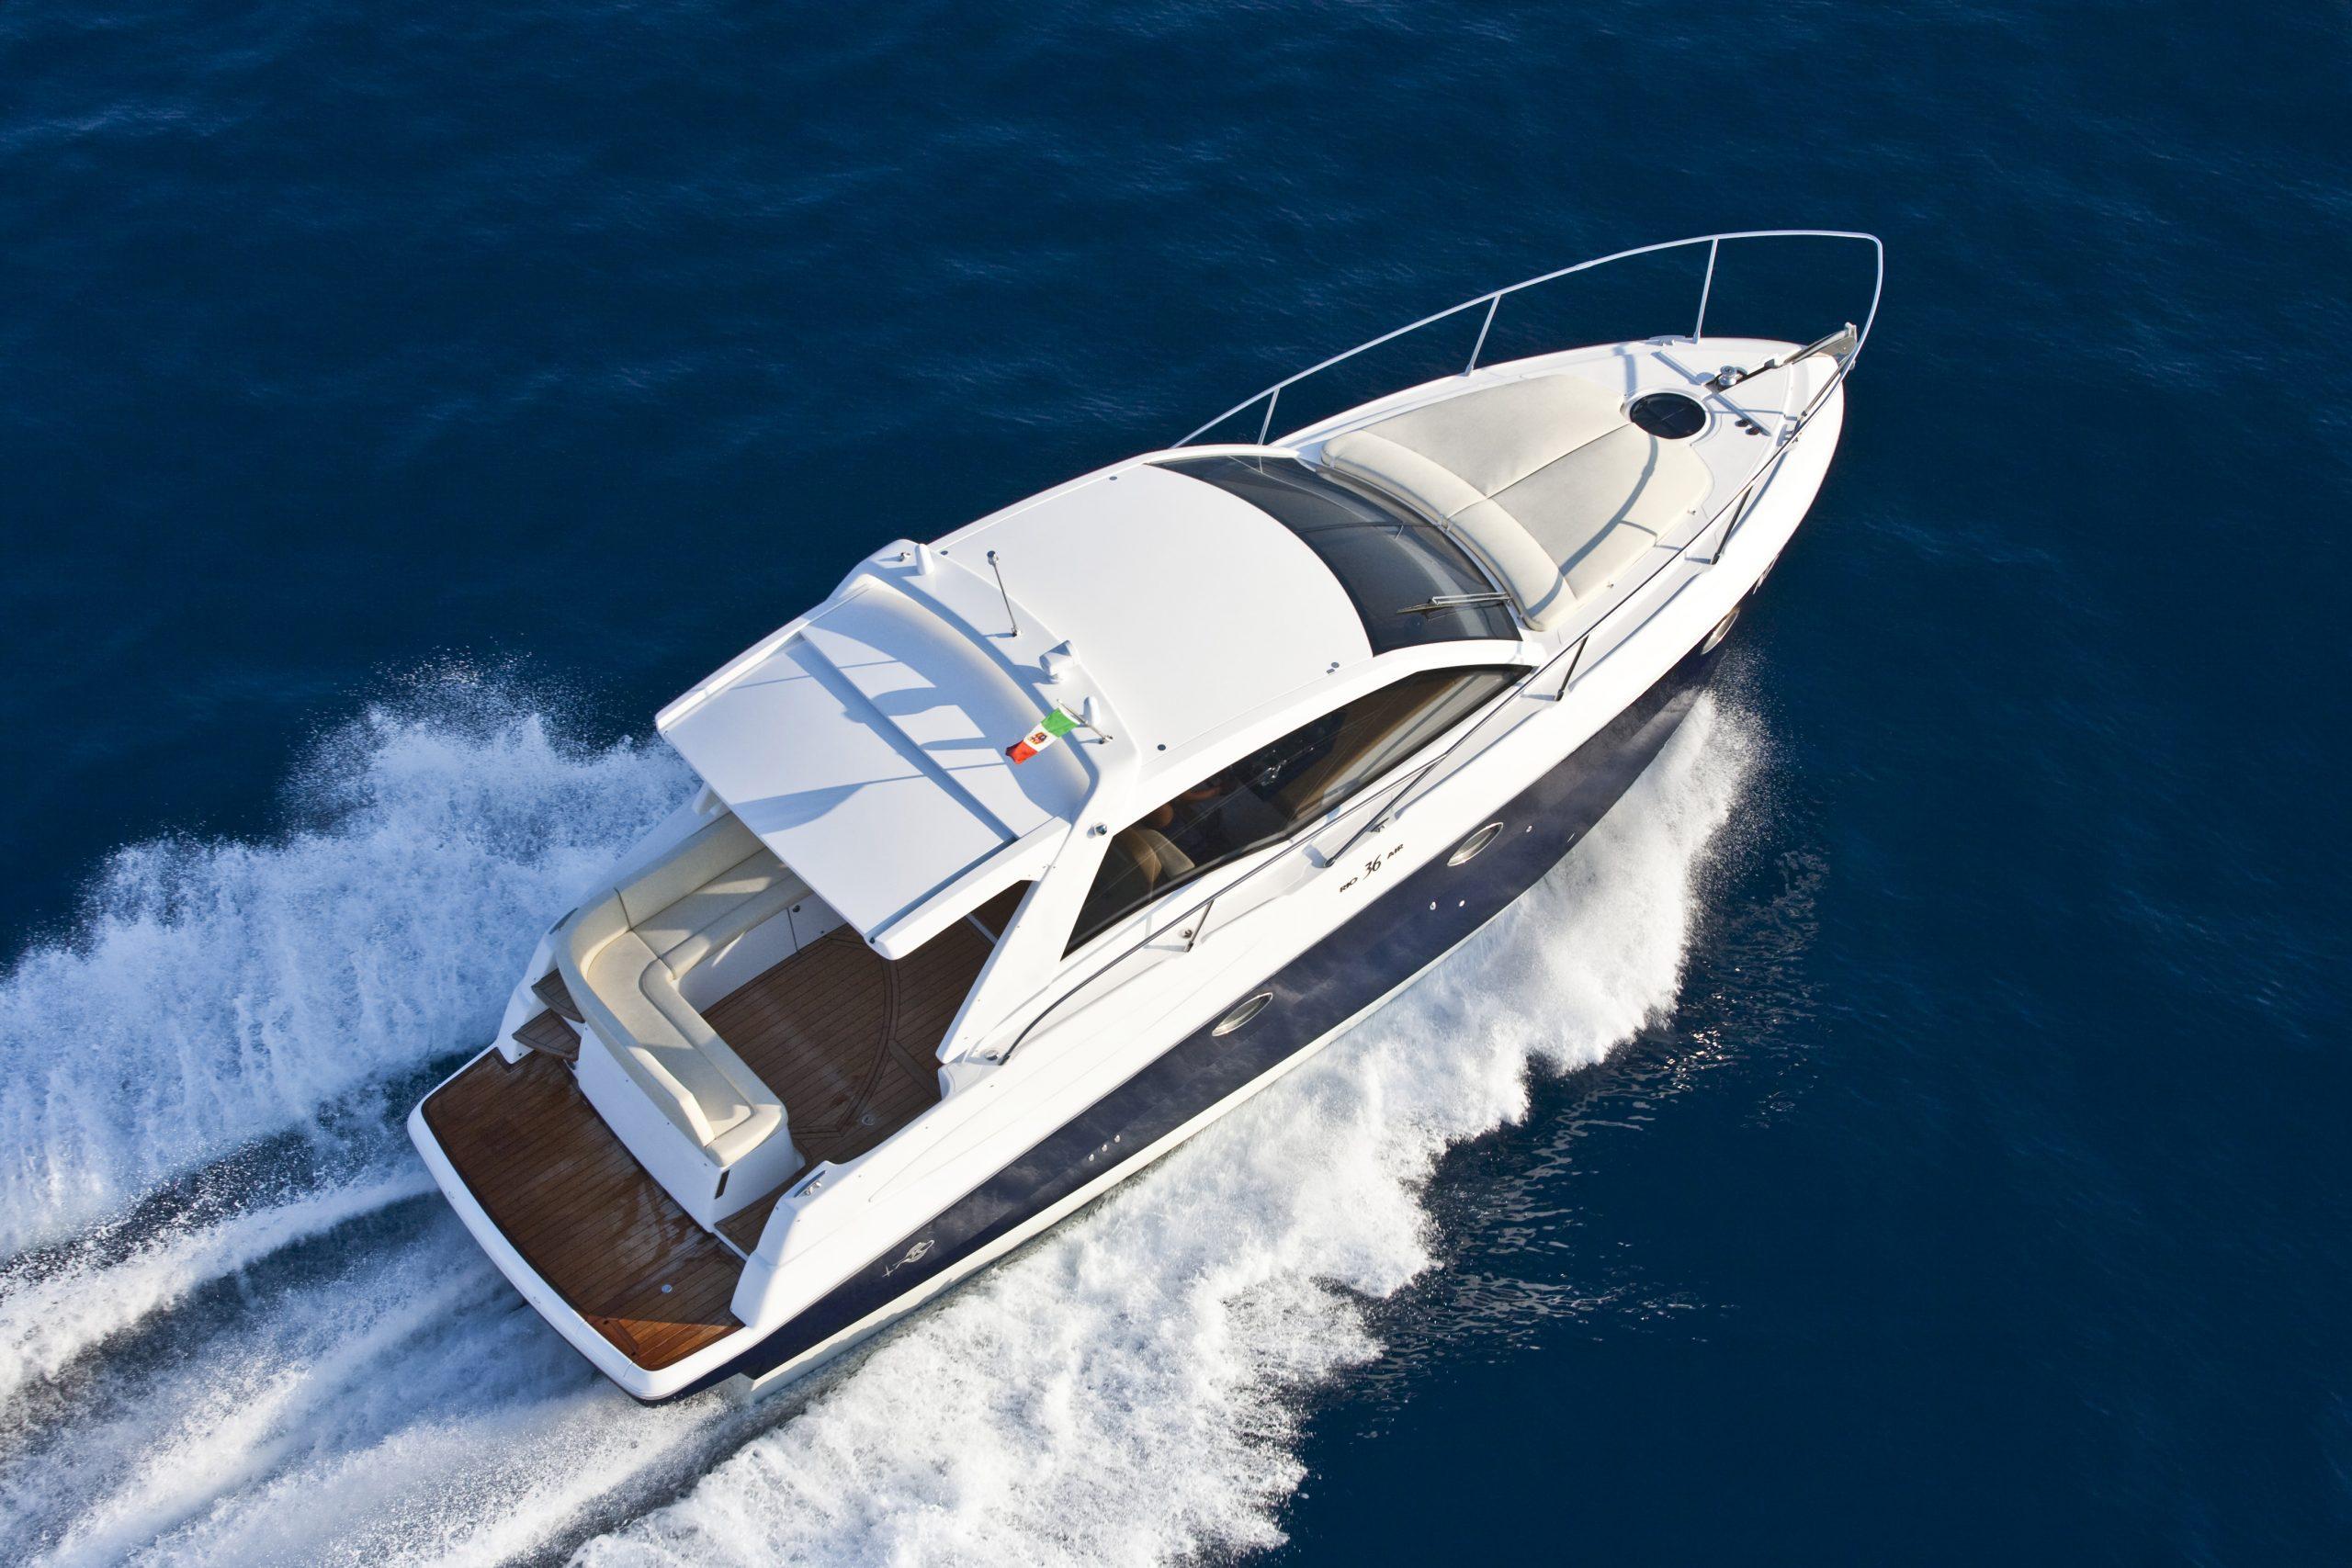 Luxury speed boat in the ocean